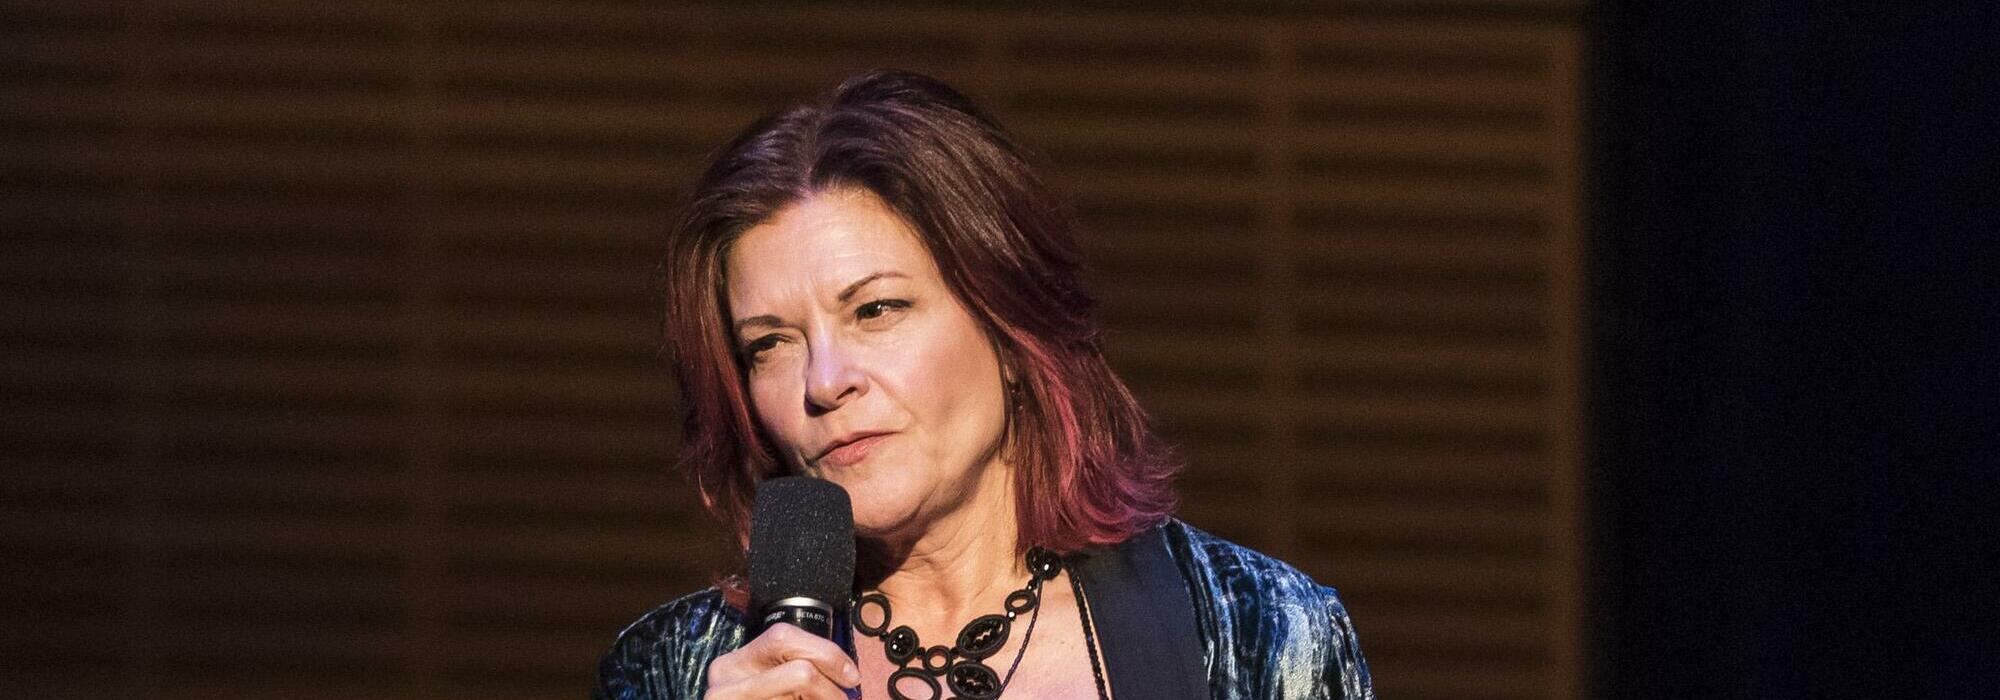 A Rosanne Cash live event